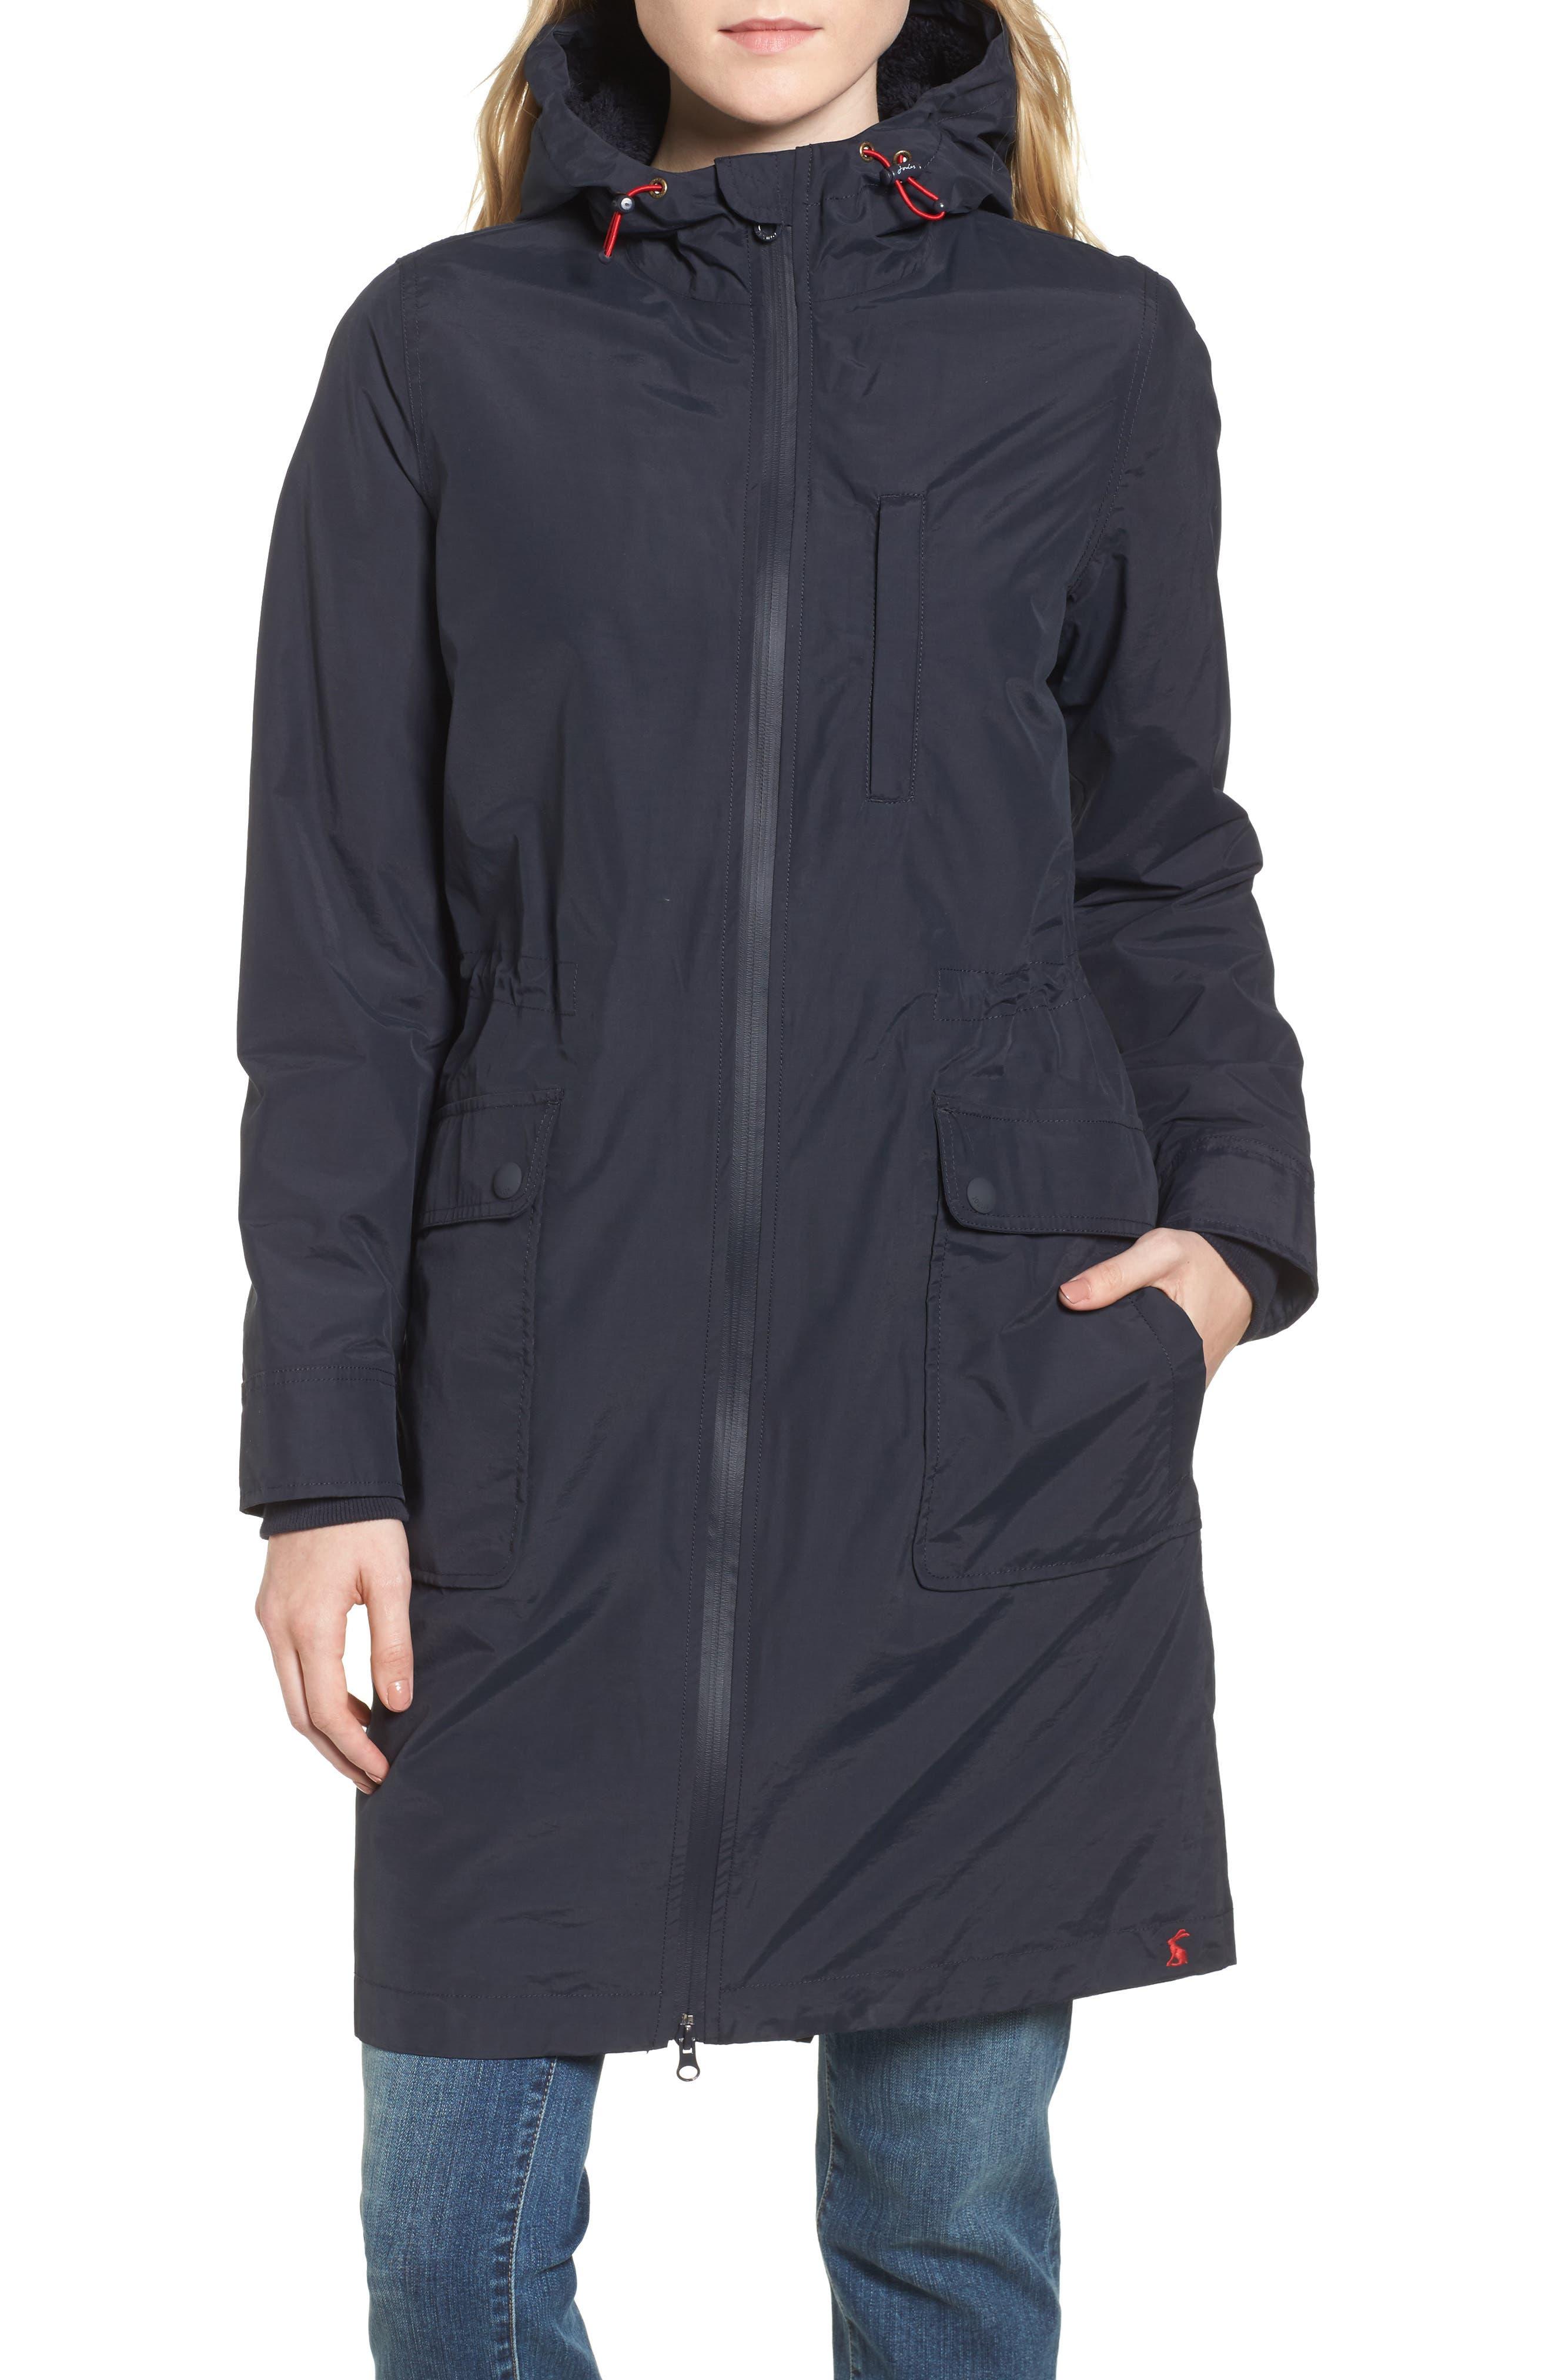 Hooded Fleece Lined Raincoat,                             Alternate thumbnail 4, color,